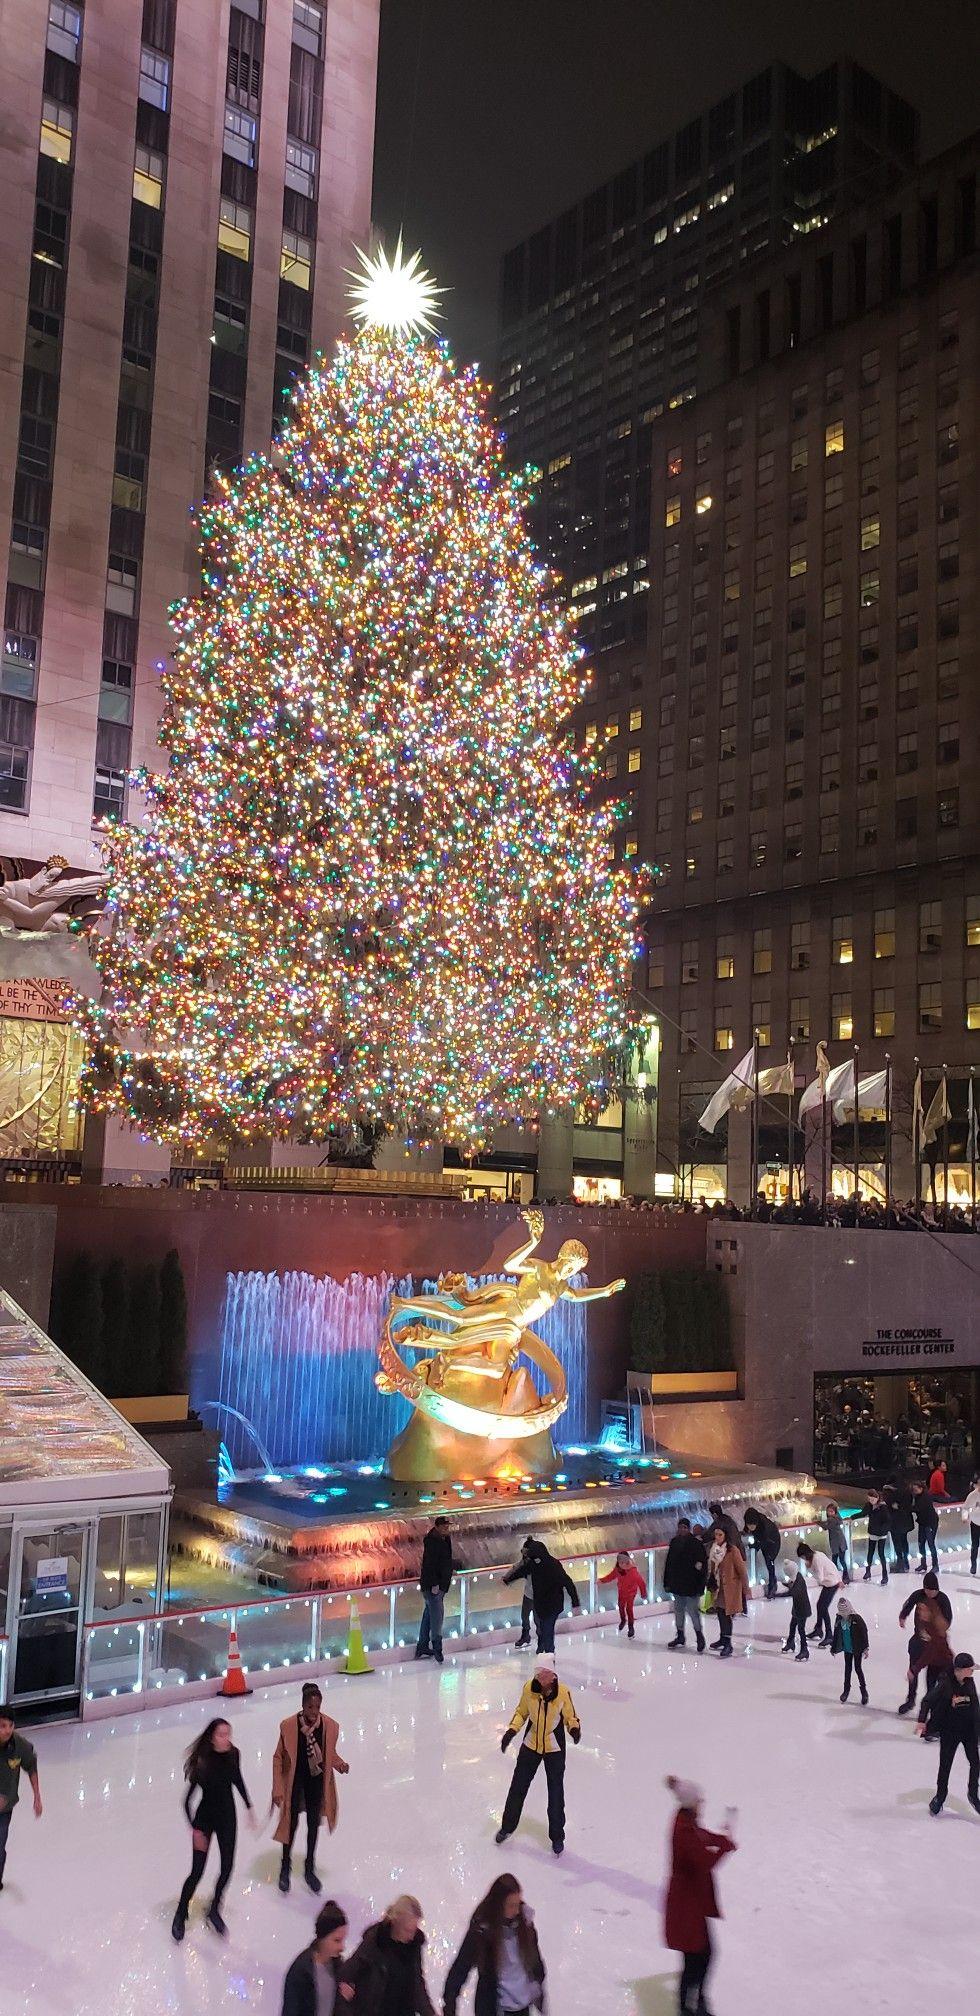 Christmas In Nyc 2021 Nyc Christmas In 2021 Nyc Christmas Holiday Decor Holiday